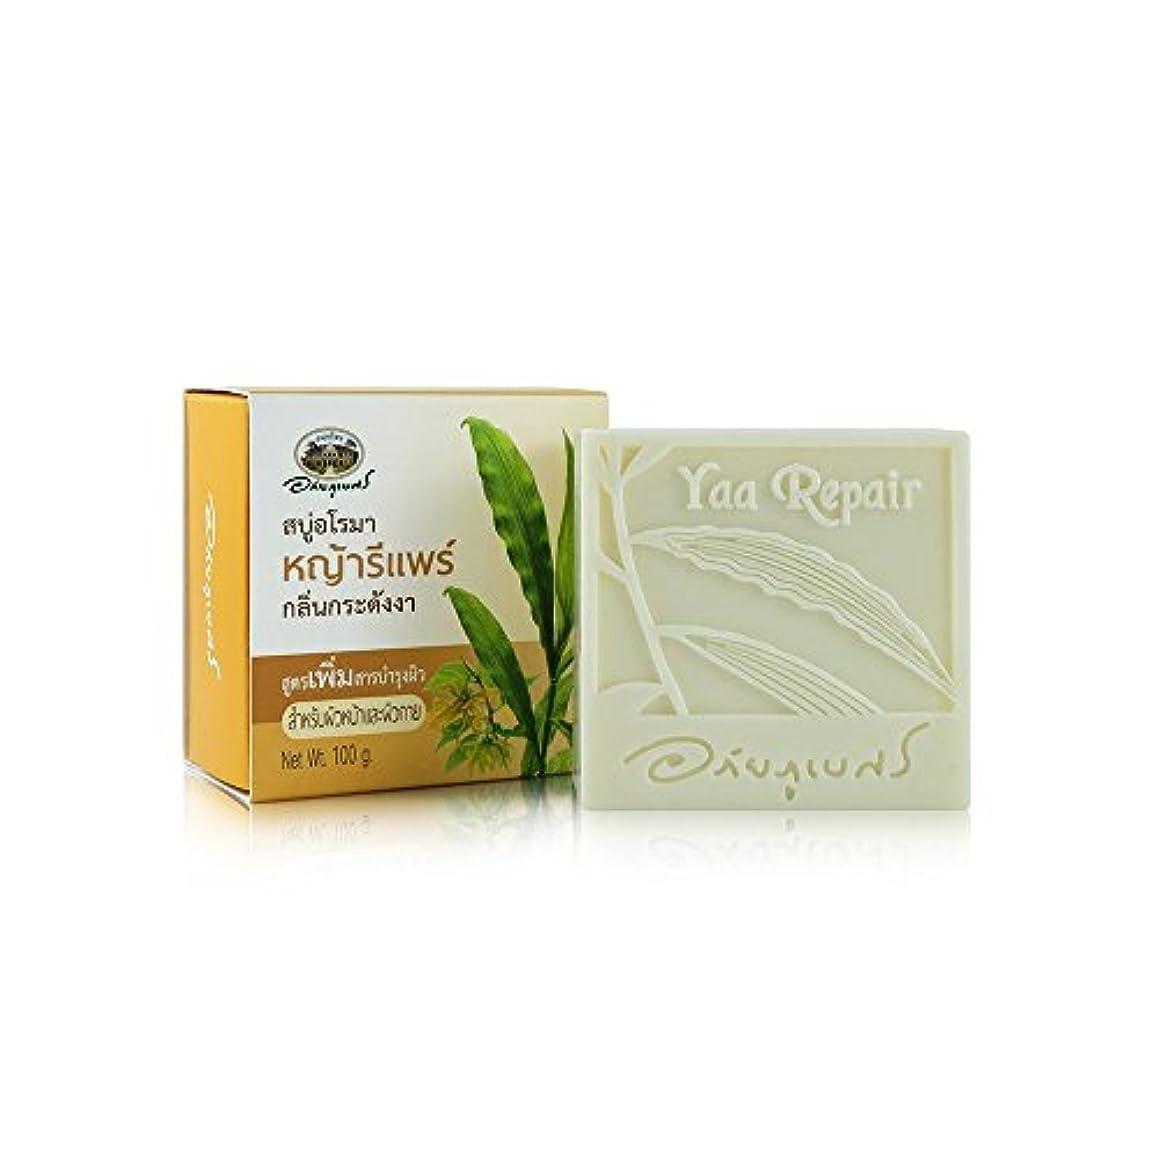 メアリアンジョーンズ安全でない不従順Abhaibhubejhr Thai Aromatherapy With Ylang Ylang Skin Care Formula Herbal Body Face Cleaning Soap 100g.